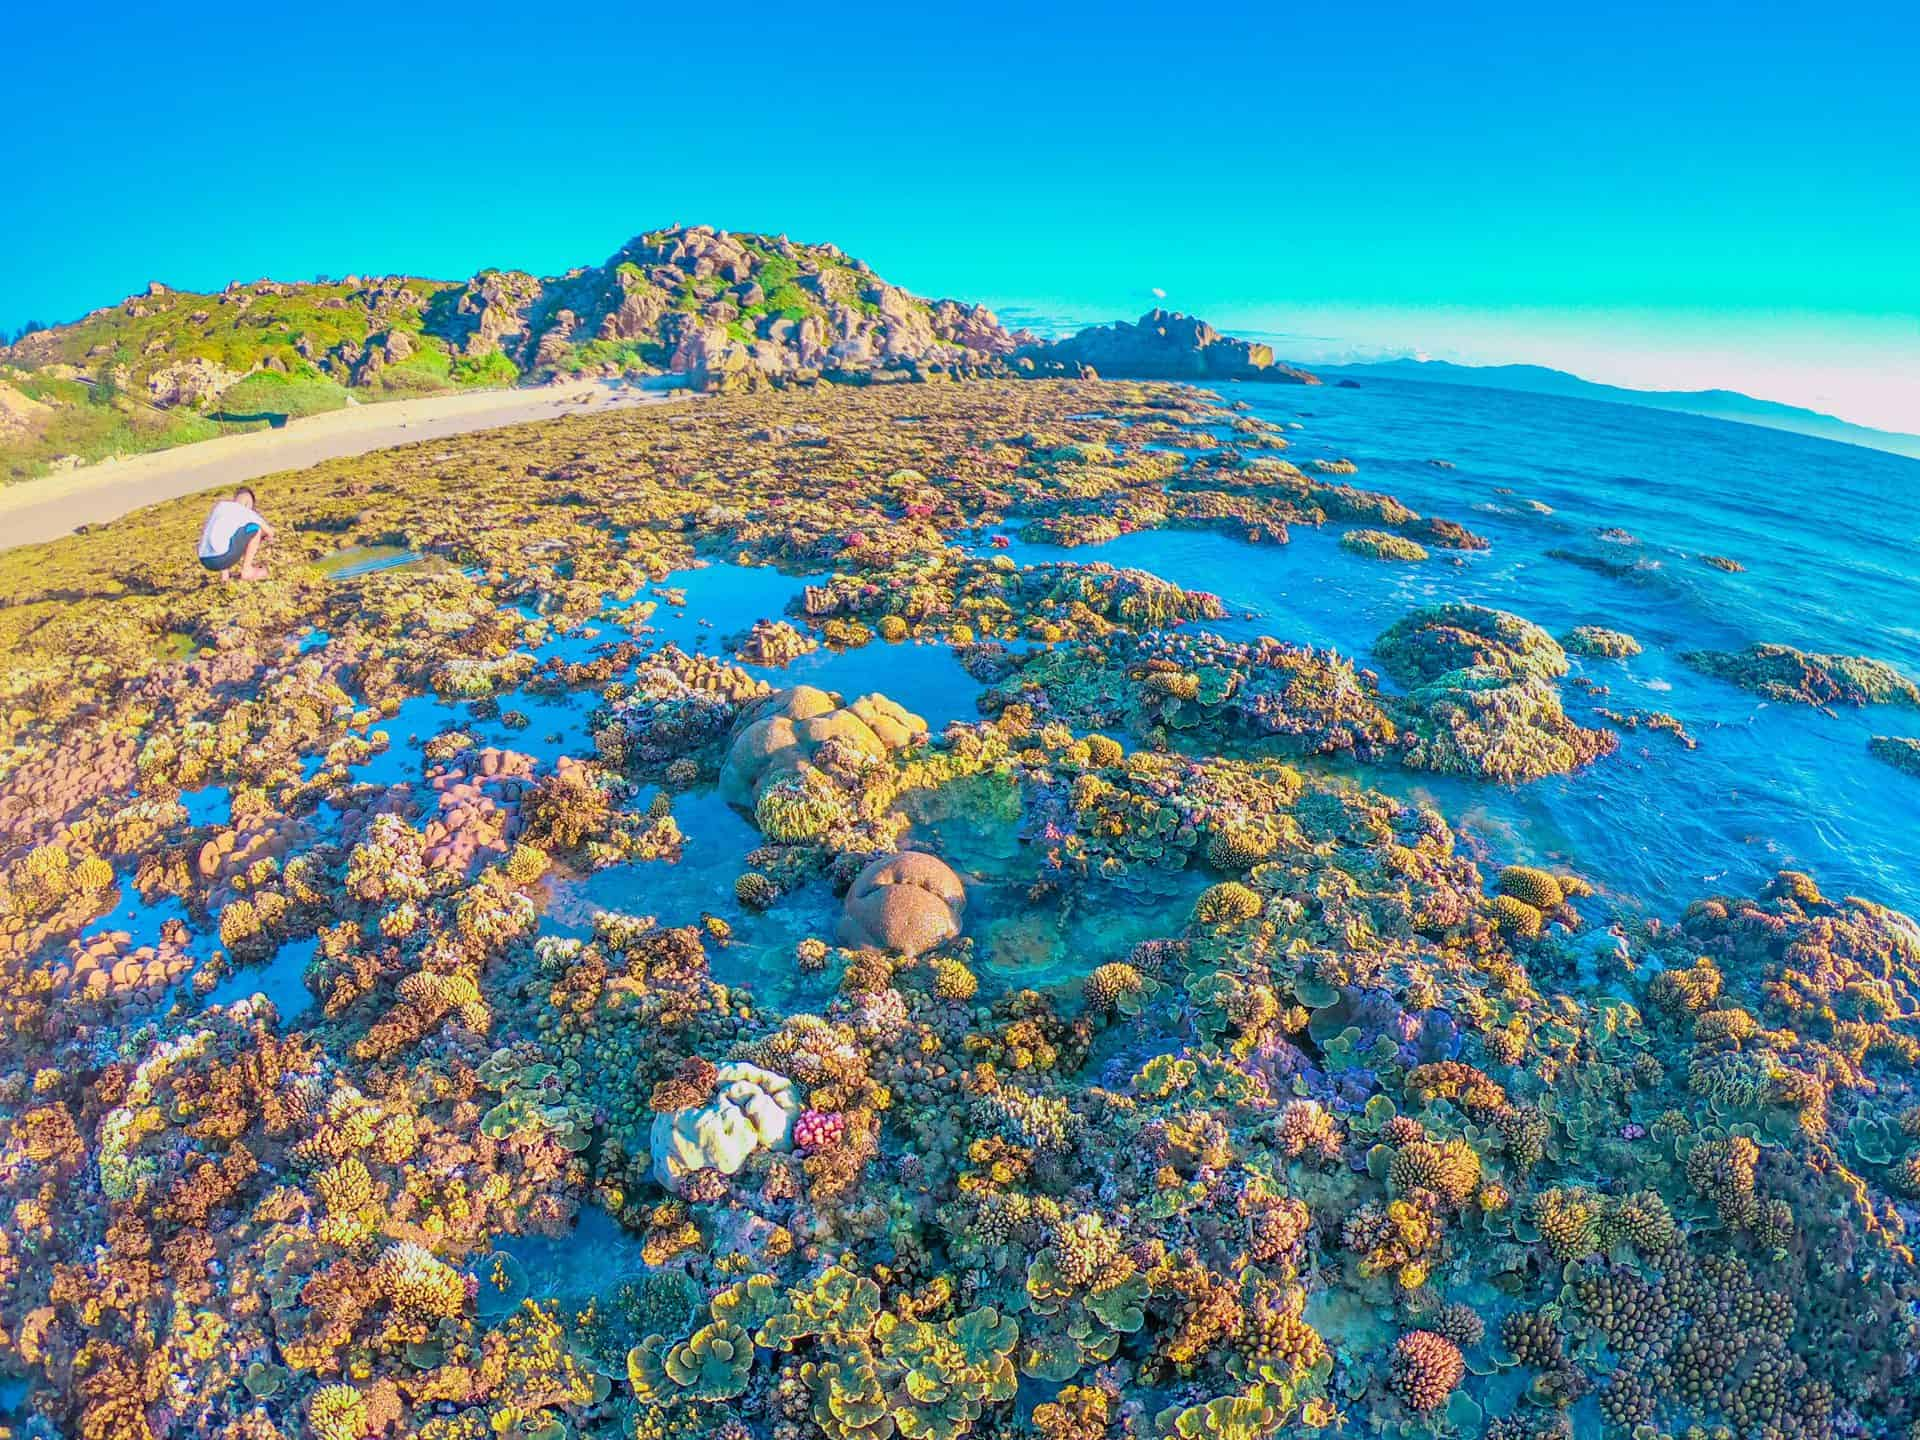 Bình Minh trên bãi san hô - trải nghiệm thú vị cùng Tour Cù Lao Xanh 2N1Đ